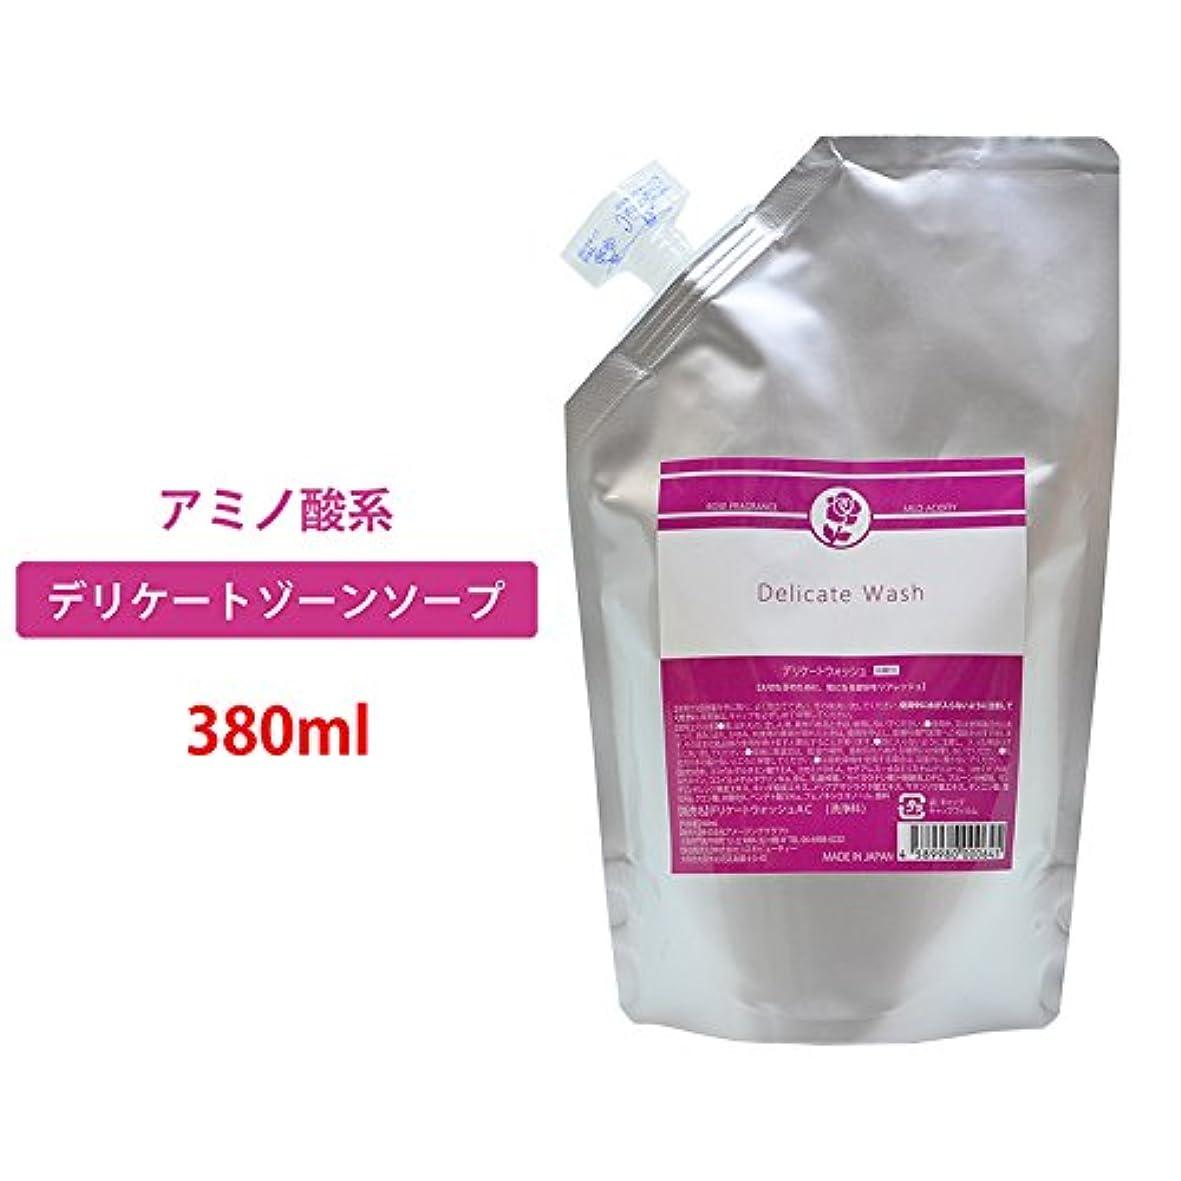 口うなり声平らなデリケートウォッシュ 日本製デリケートゾーンソープ たっぷり380ml フェミニン ウォッシュ